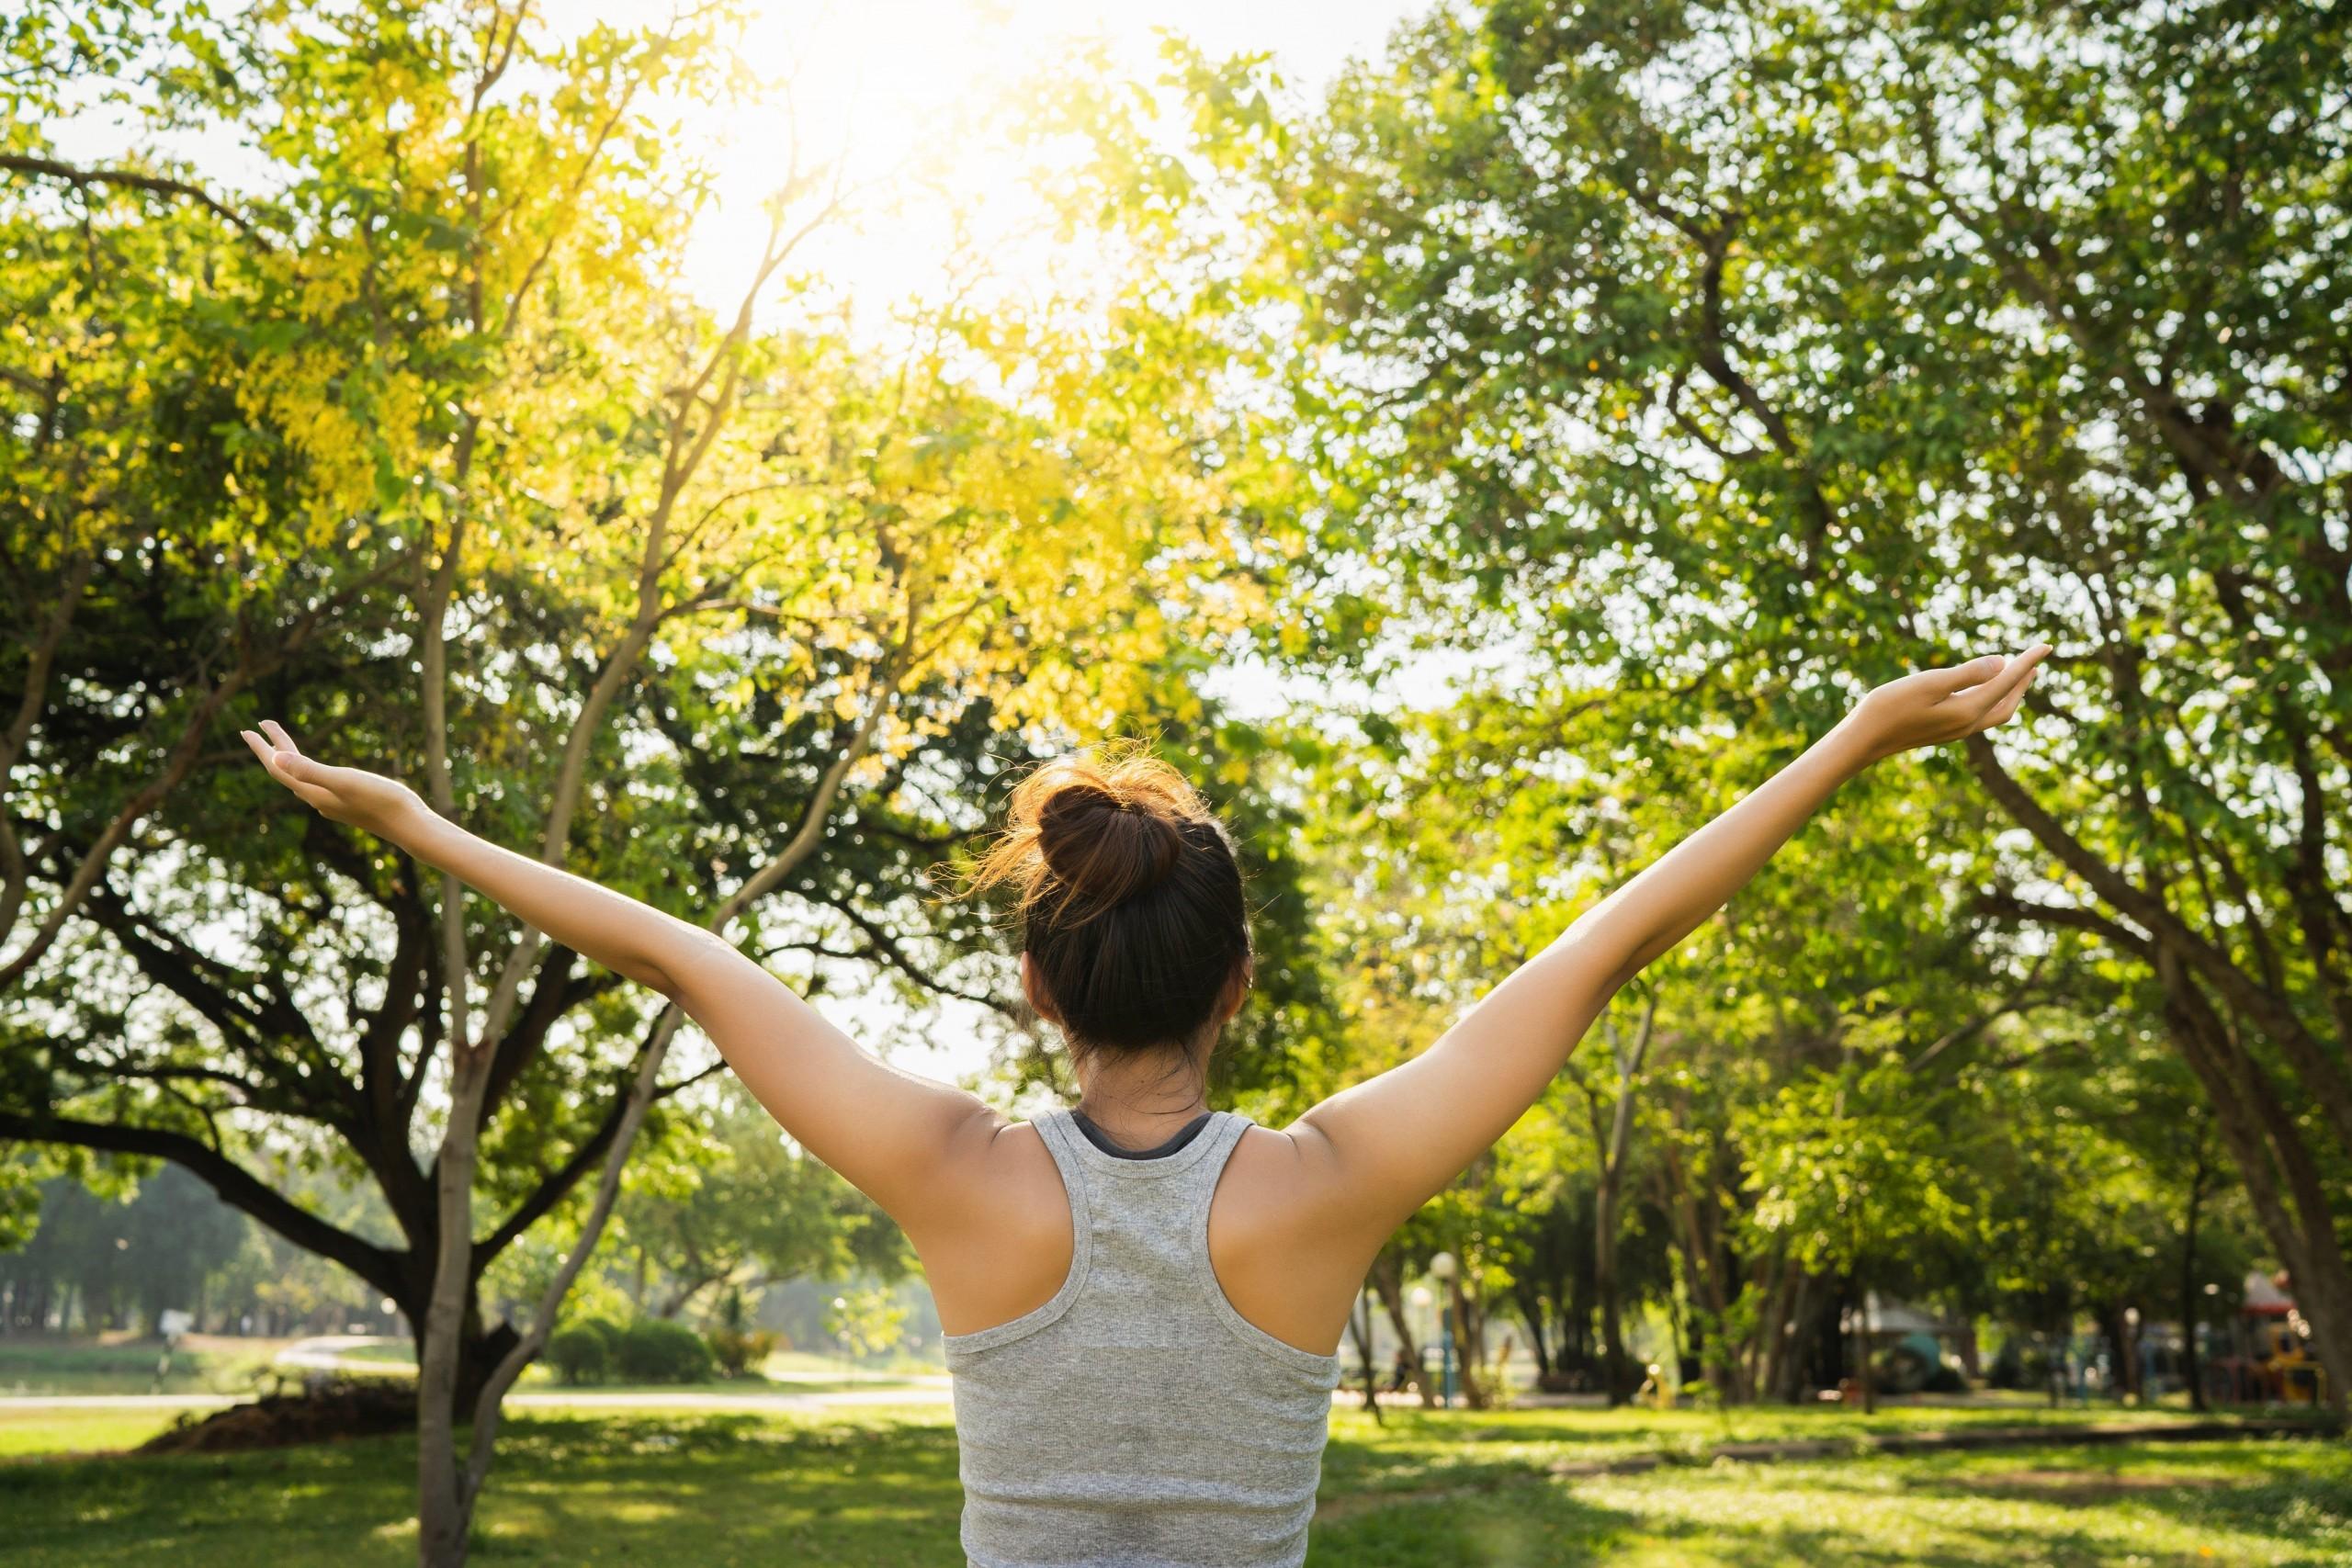 Mi az egészséges életmód és mi nem az?